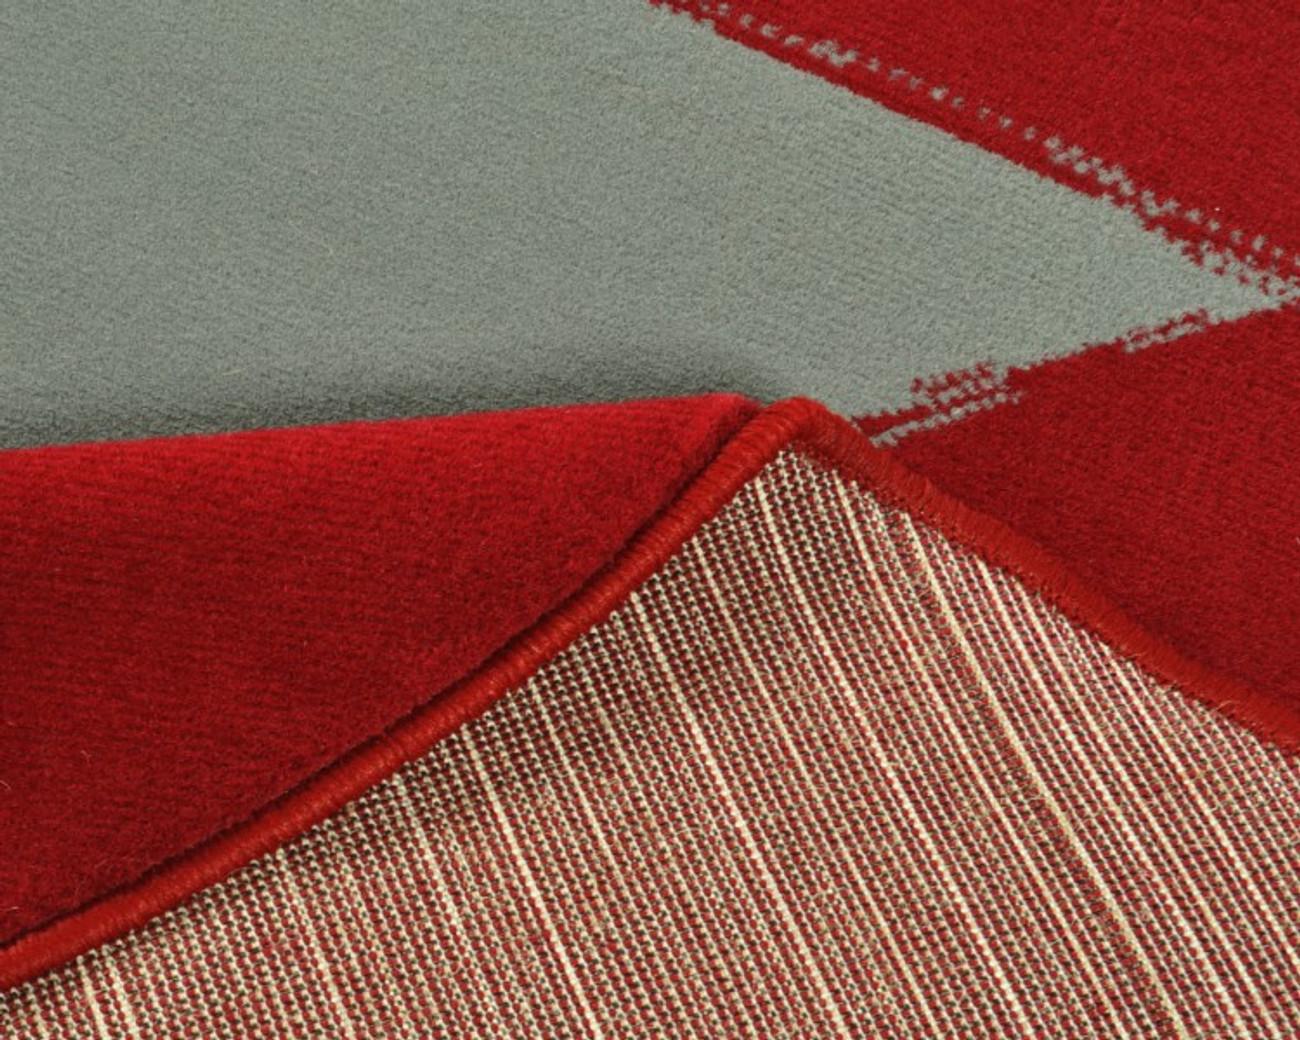 Design Kurzflor Velours Teppich Stern Rund Rot Grau 140 Cm Ebay